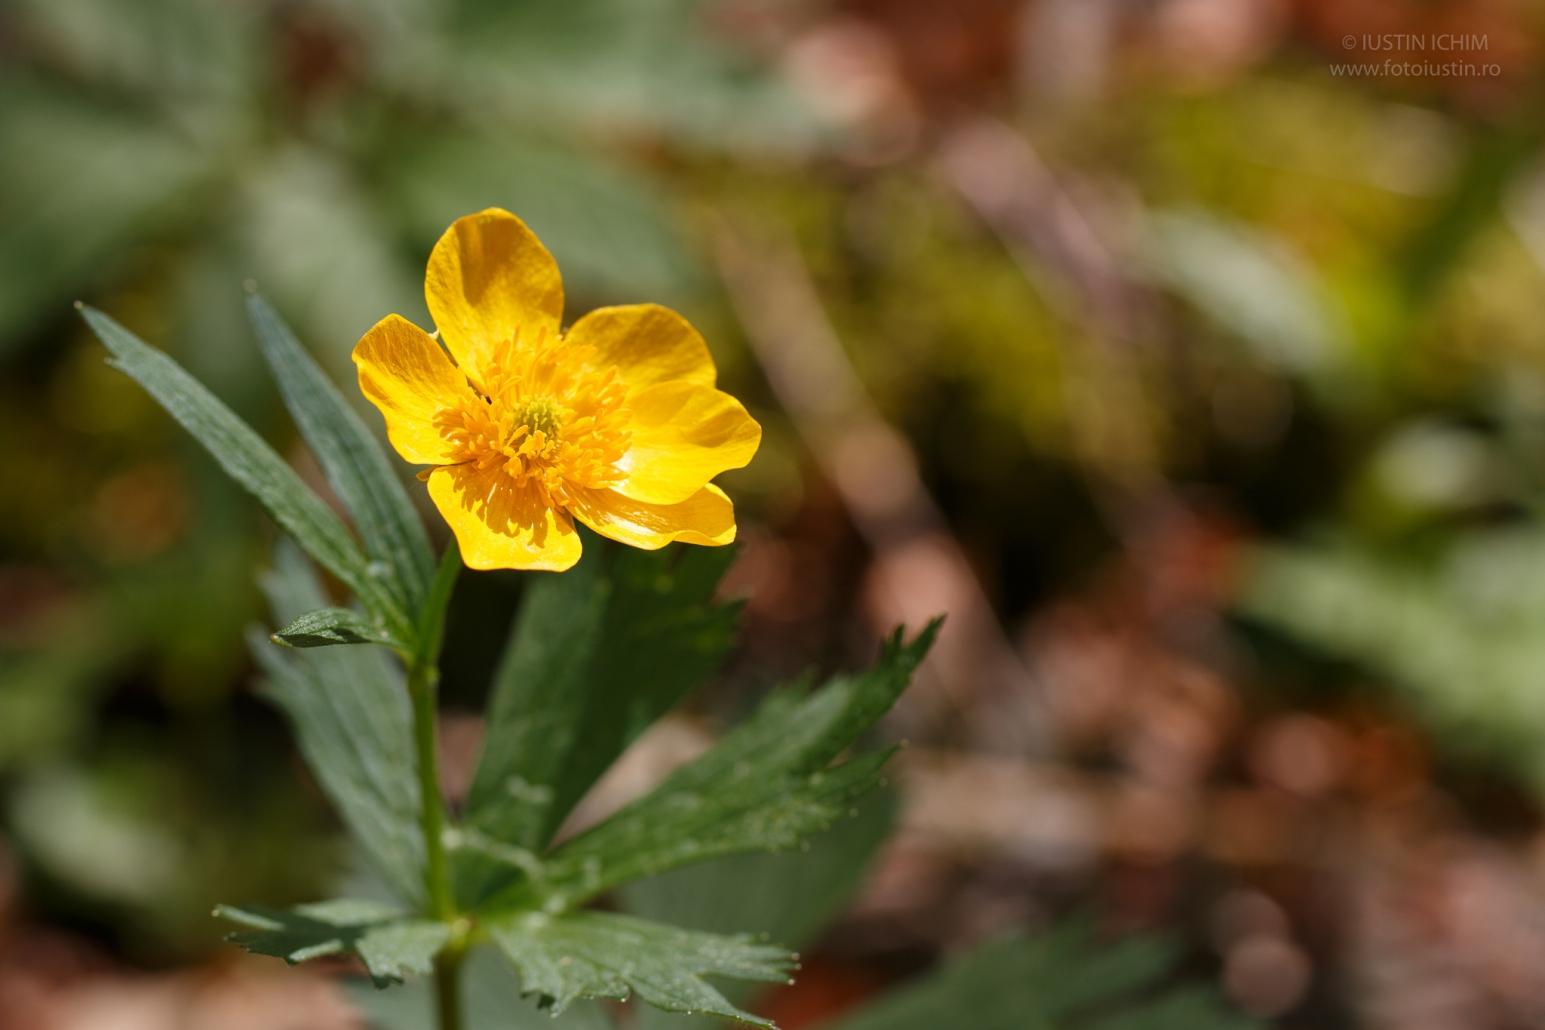 Ranunculus montanus, Piciorul cocoșului de munte, fam. Ranunculaceae